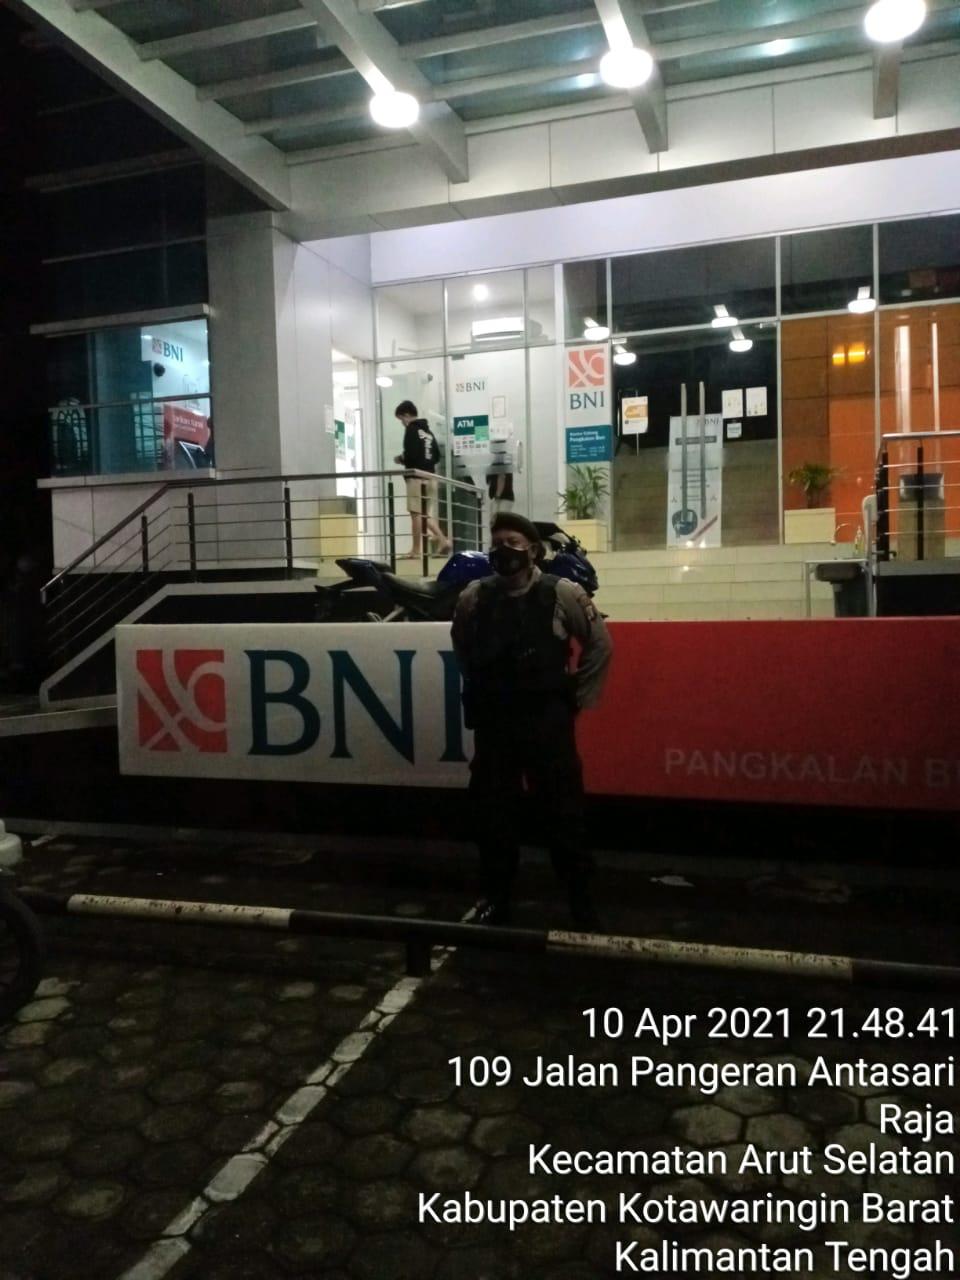 Satsabhara Polres Kobar Sambangi Bank BNI